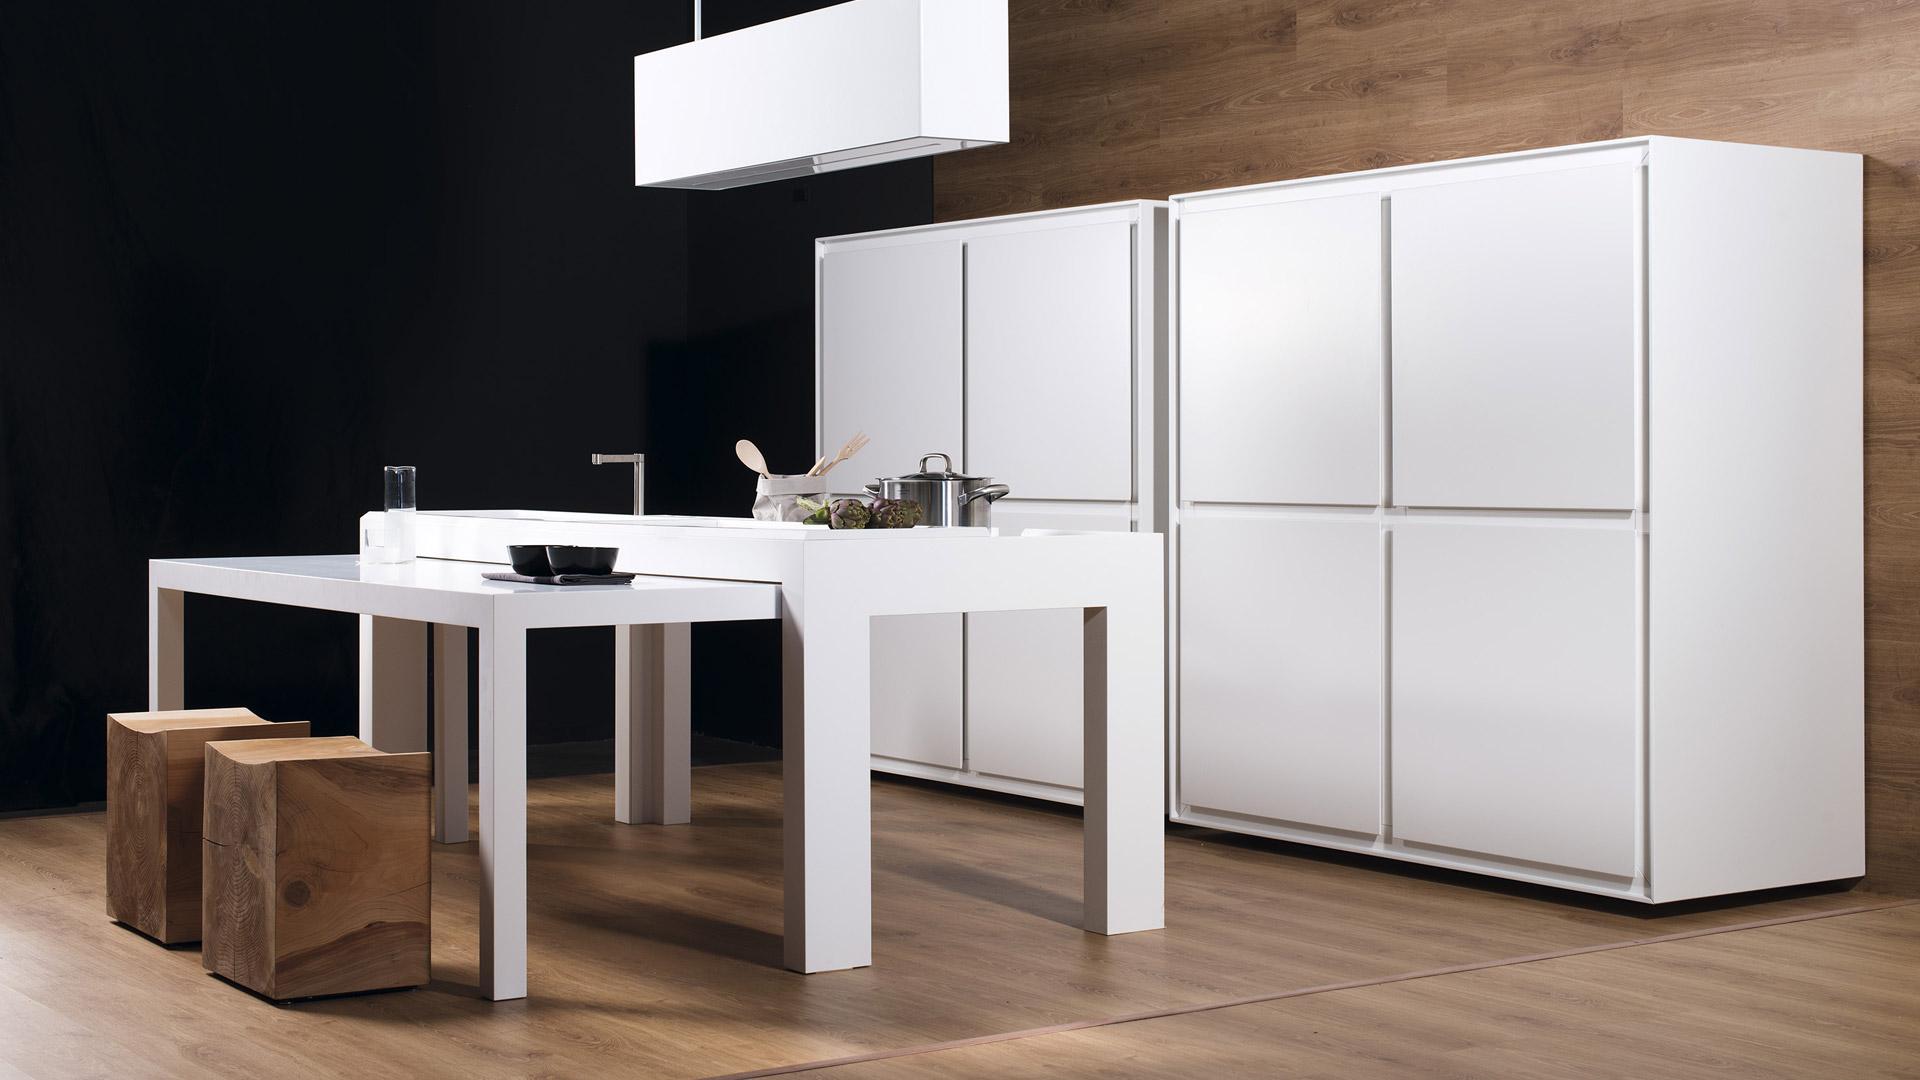 Off kitchen cucina a scomparsa freestanding per ufficio - Cucina con tavolo a scomparsa ...